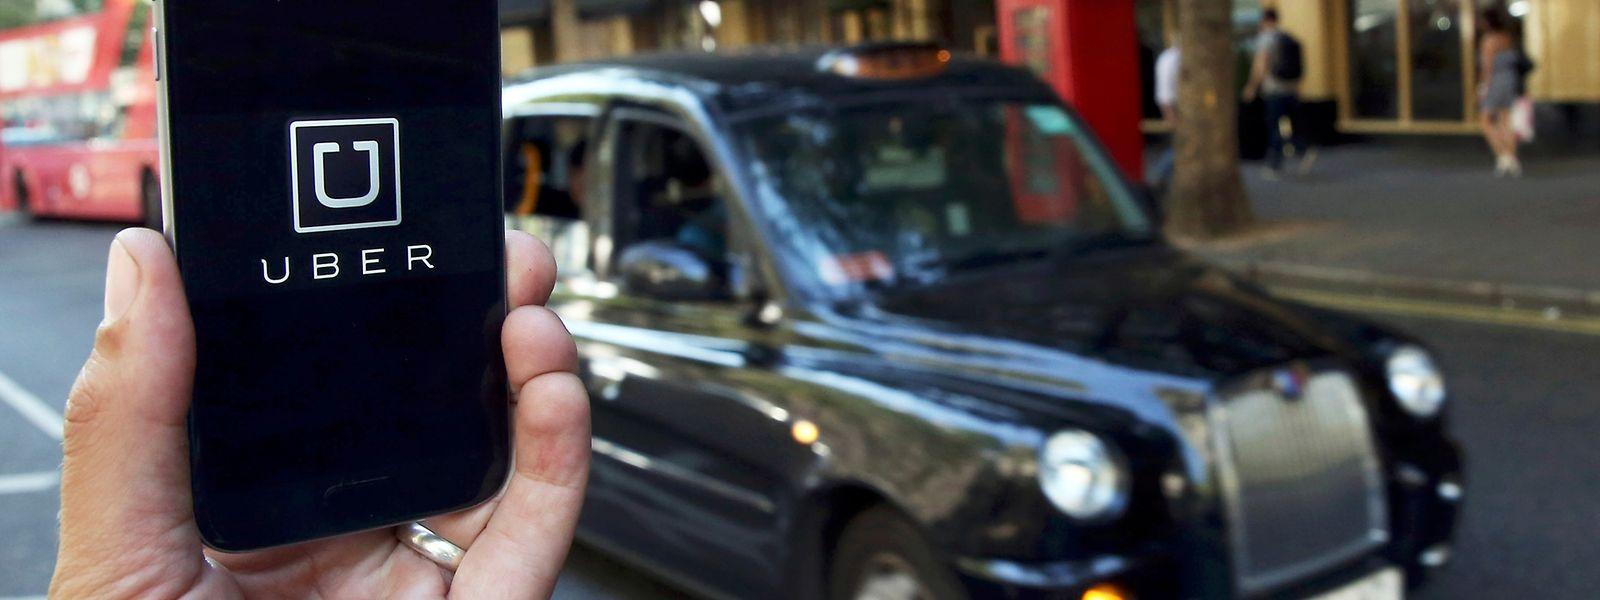 Eine Frau, die sich in China mit dem Virus angesteckt hat, wurde in einer Londoner Notaufnahme vorstellig. Sie ließ sich von einem Uber-Fahrer transportieren.